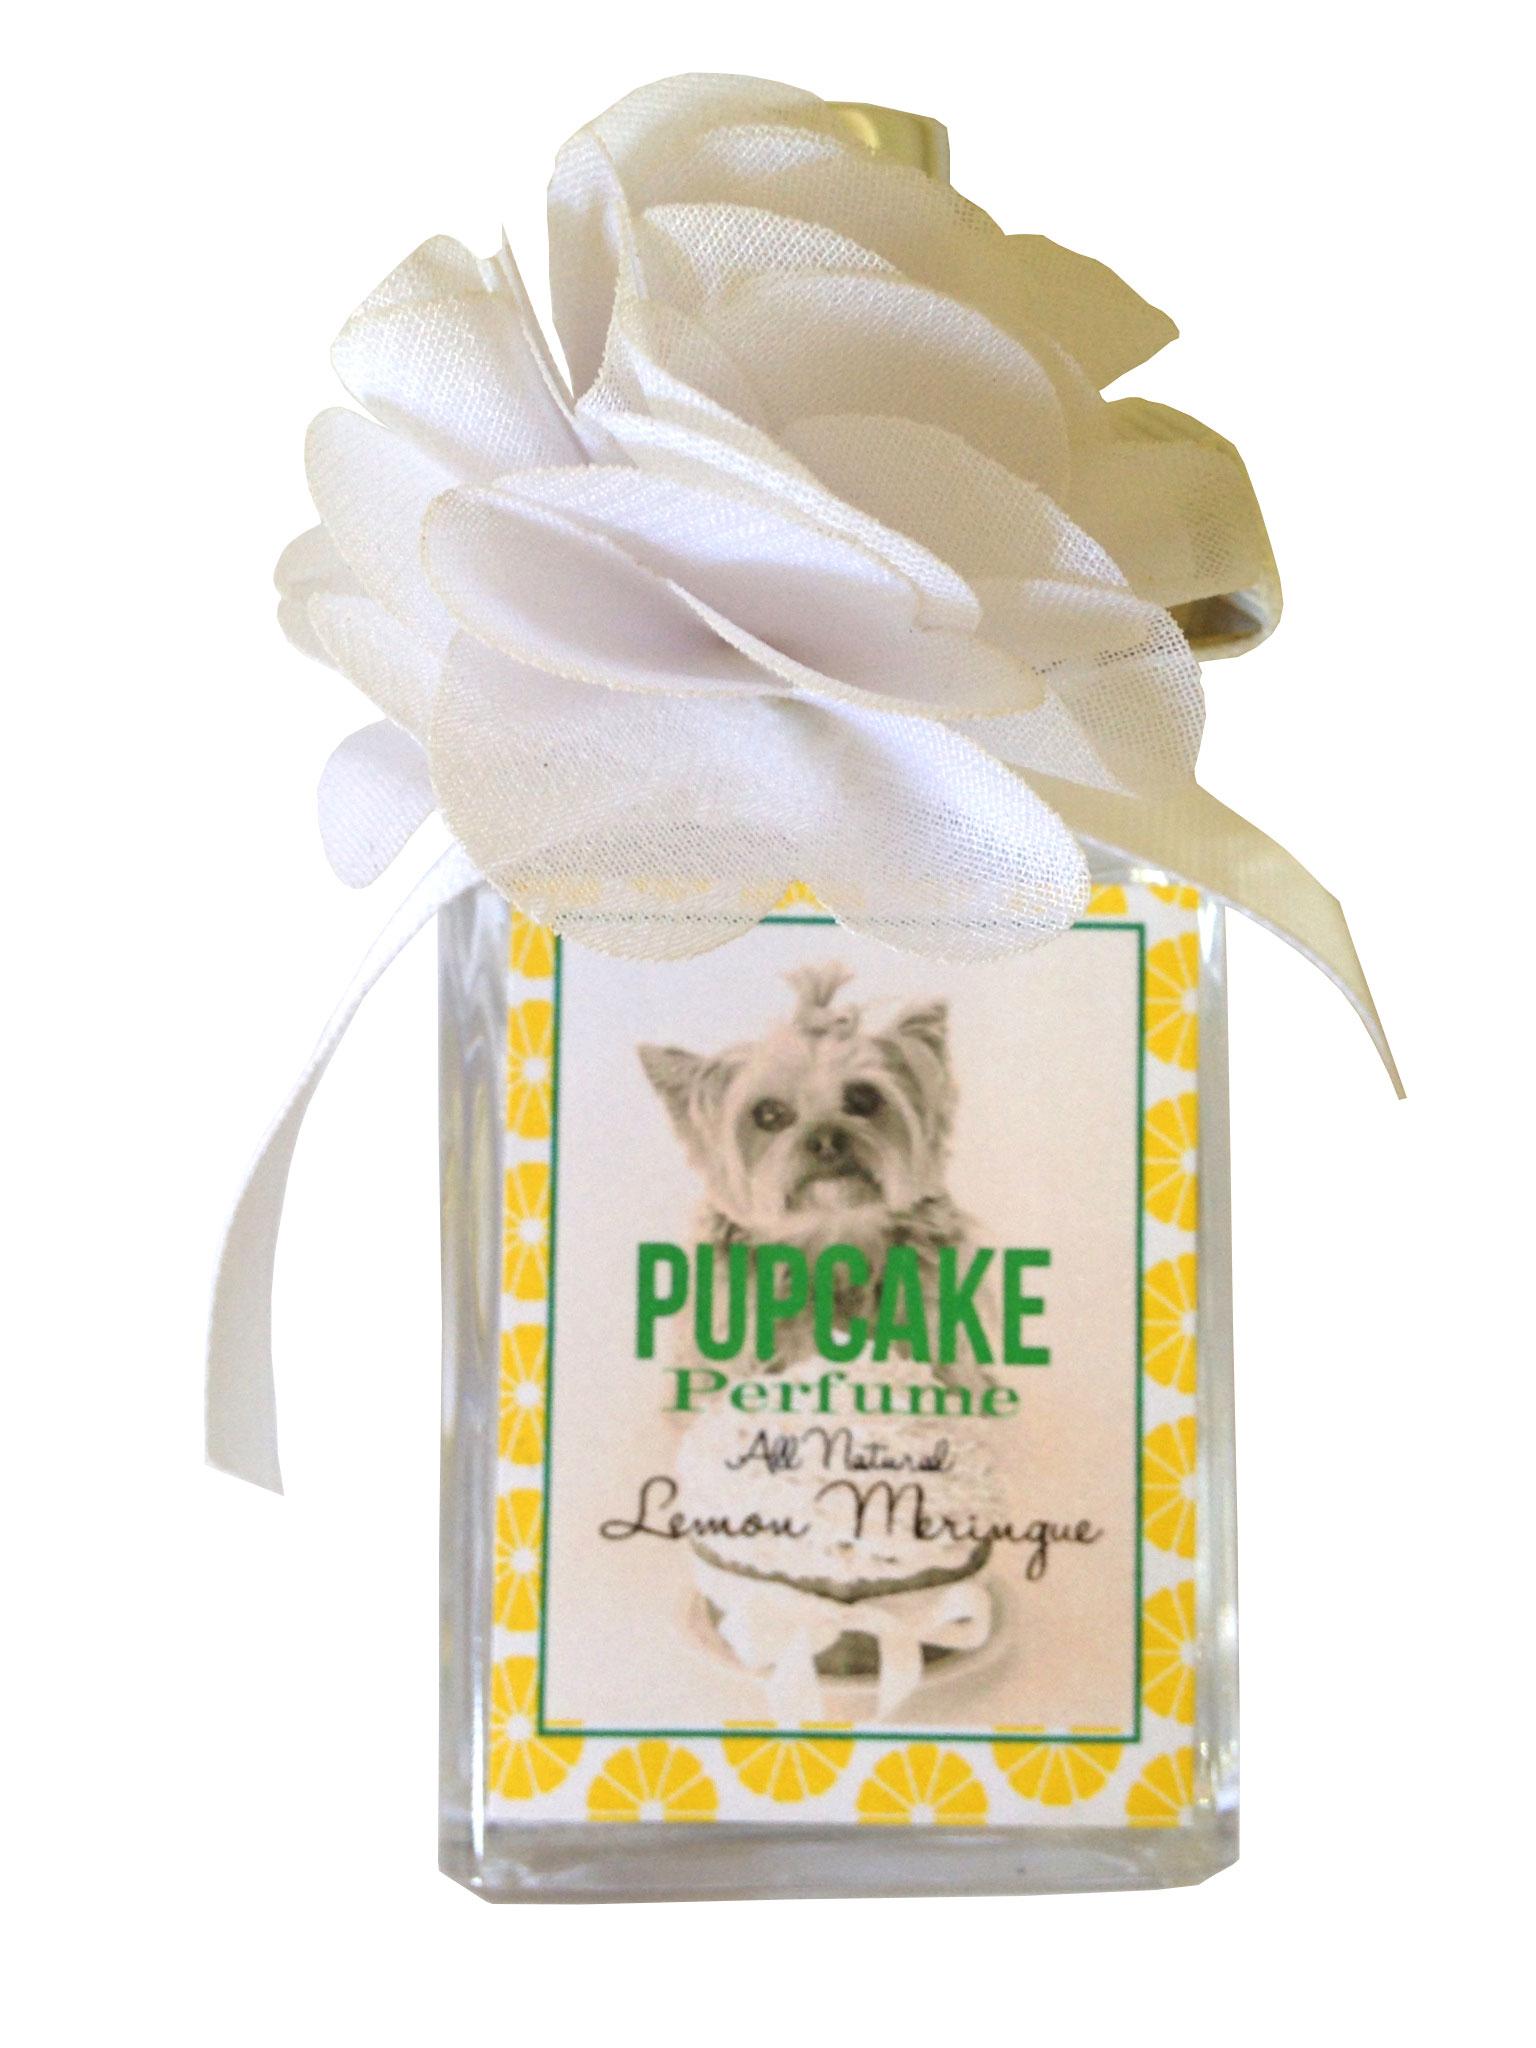 The Dog Squad Pupcake Perfume, Lemon Meringue